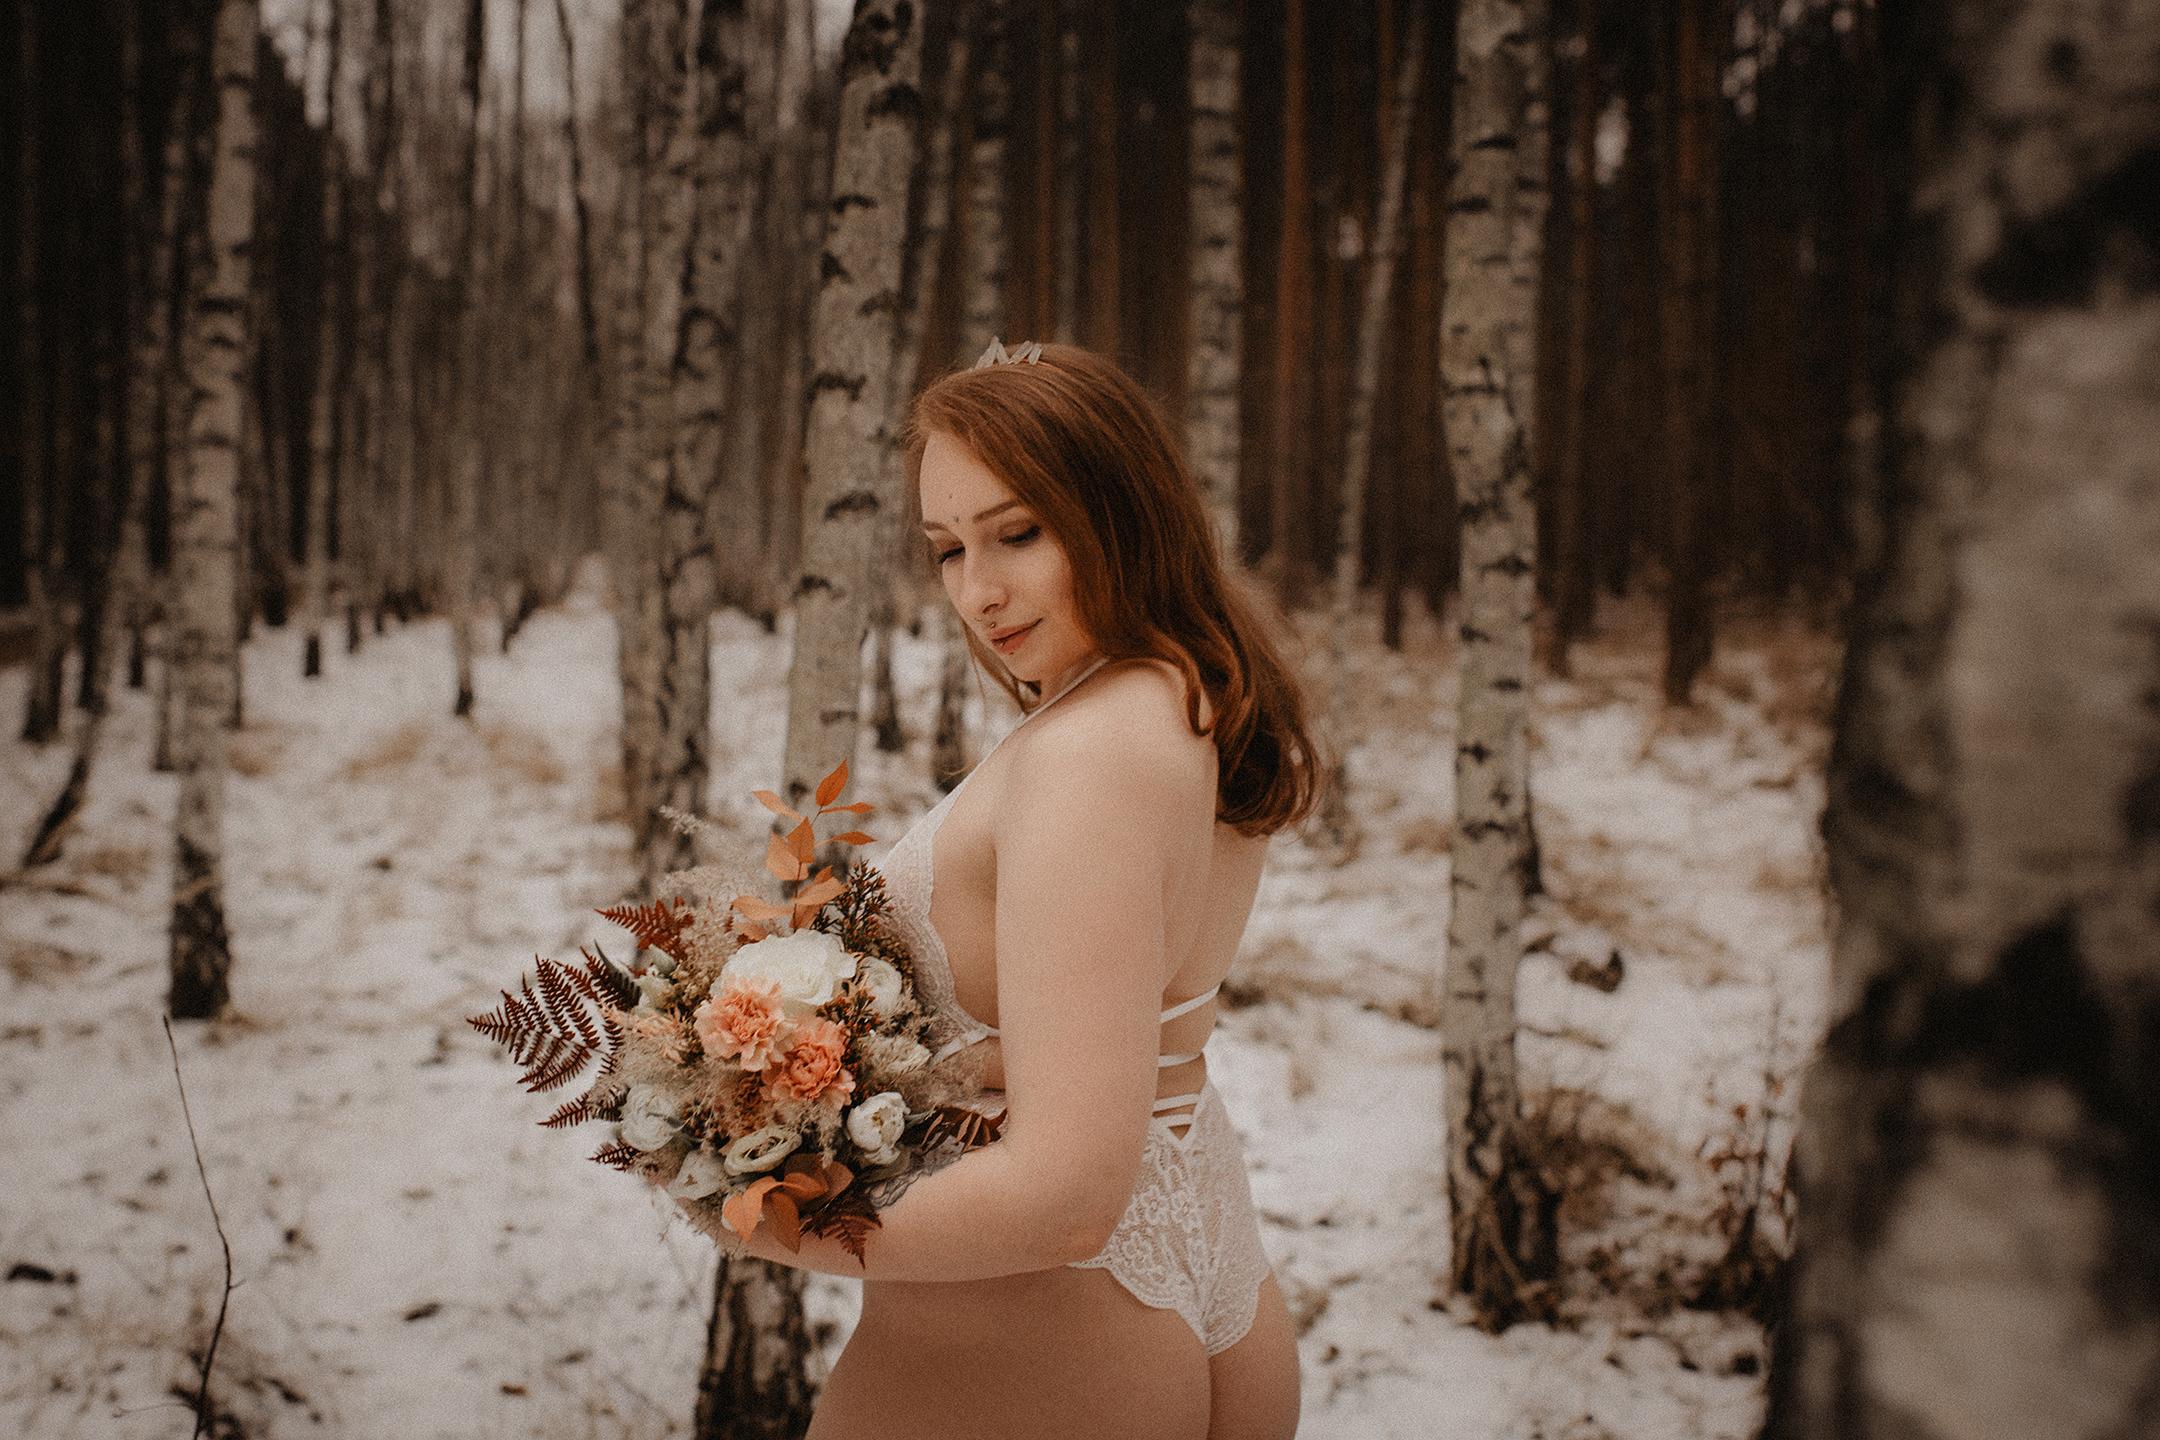 Schwangerschafts-Bilder im zarten rosanen Kleid und Unterwäsche